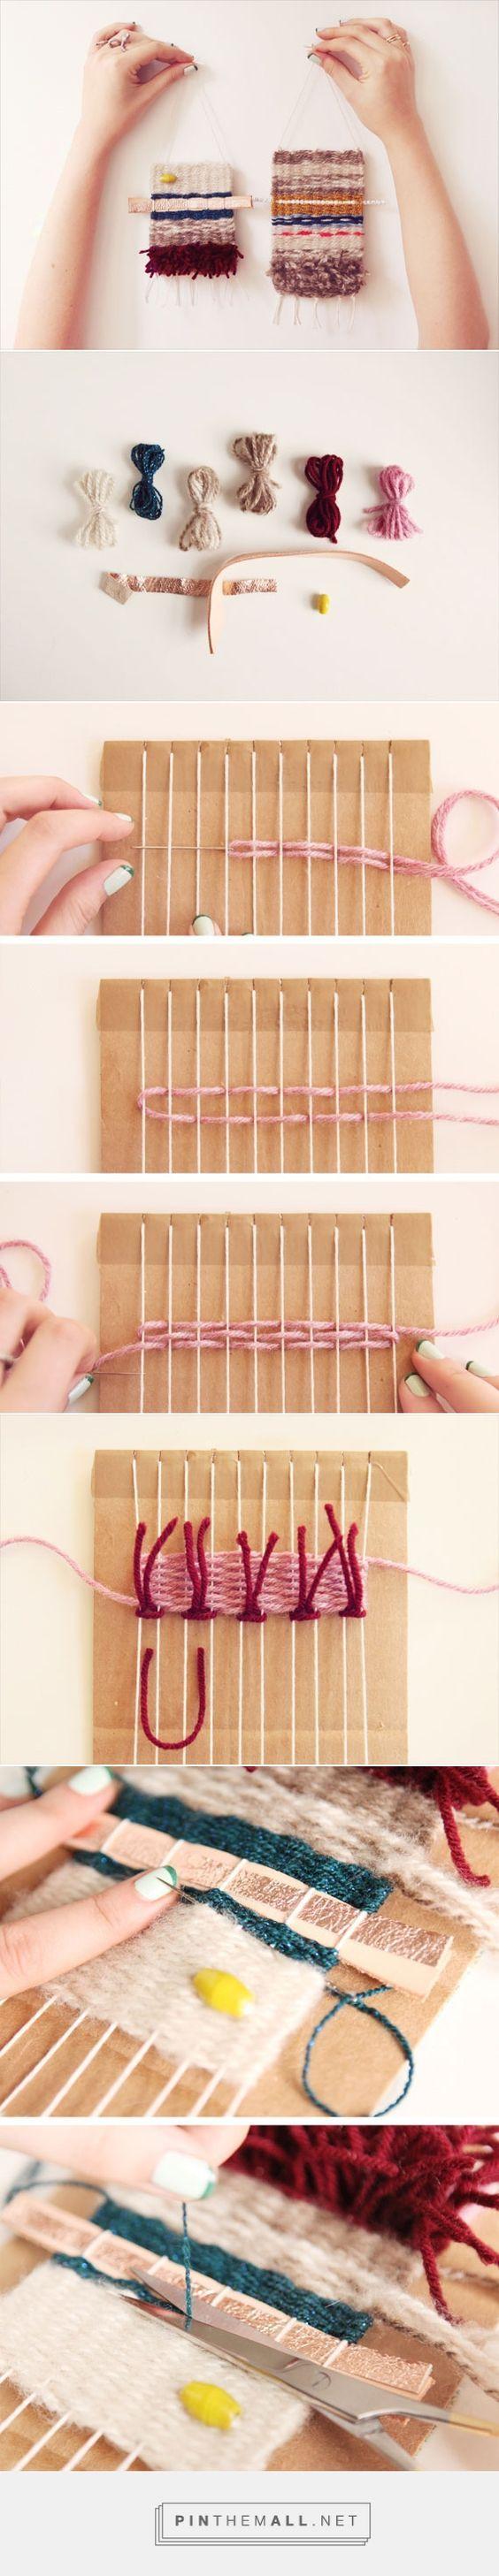 Pin von Emily Tharp auf crafty like a fox. | Pinterest